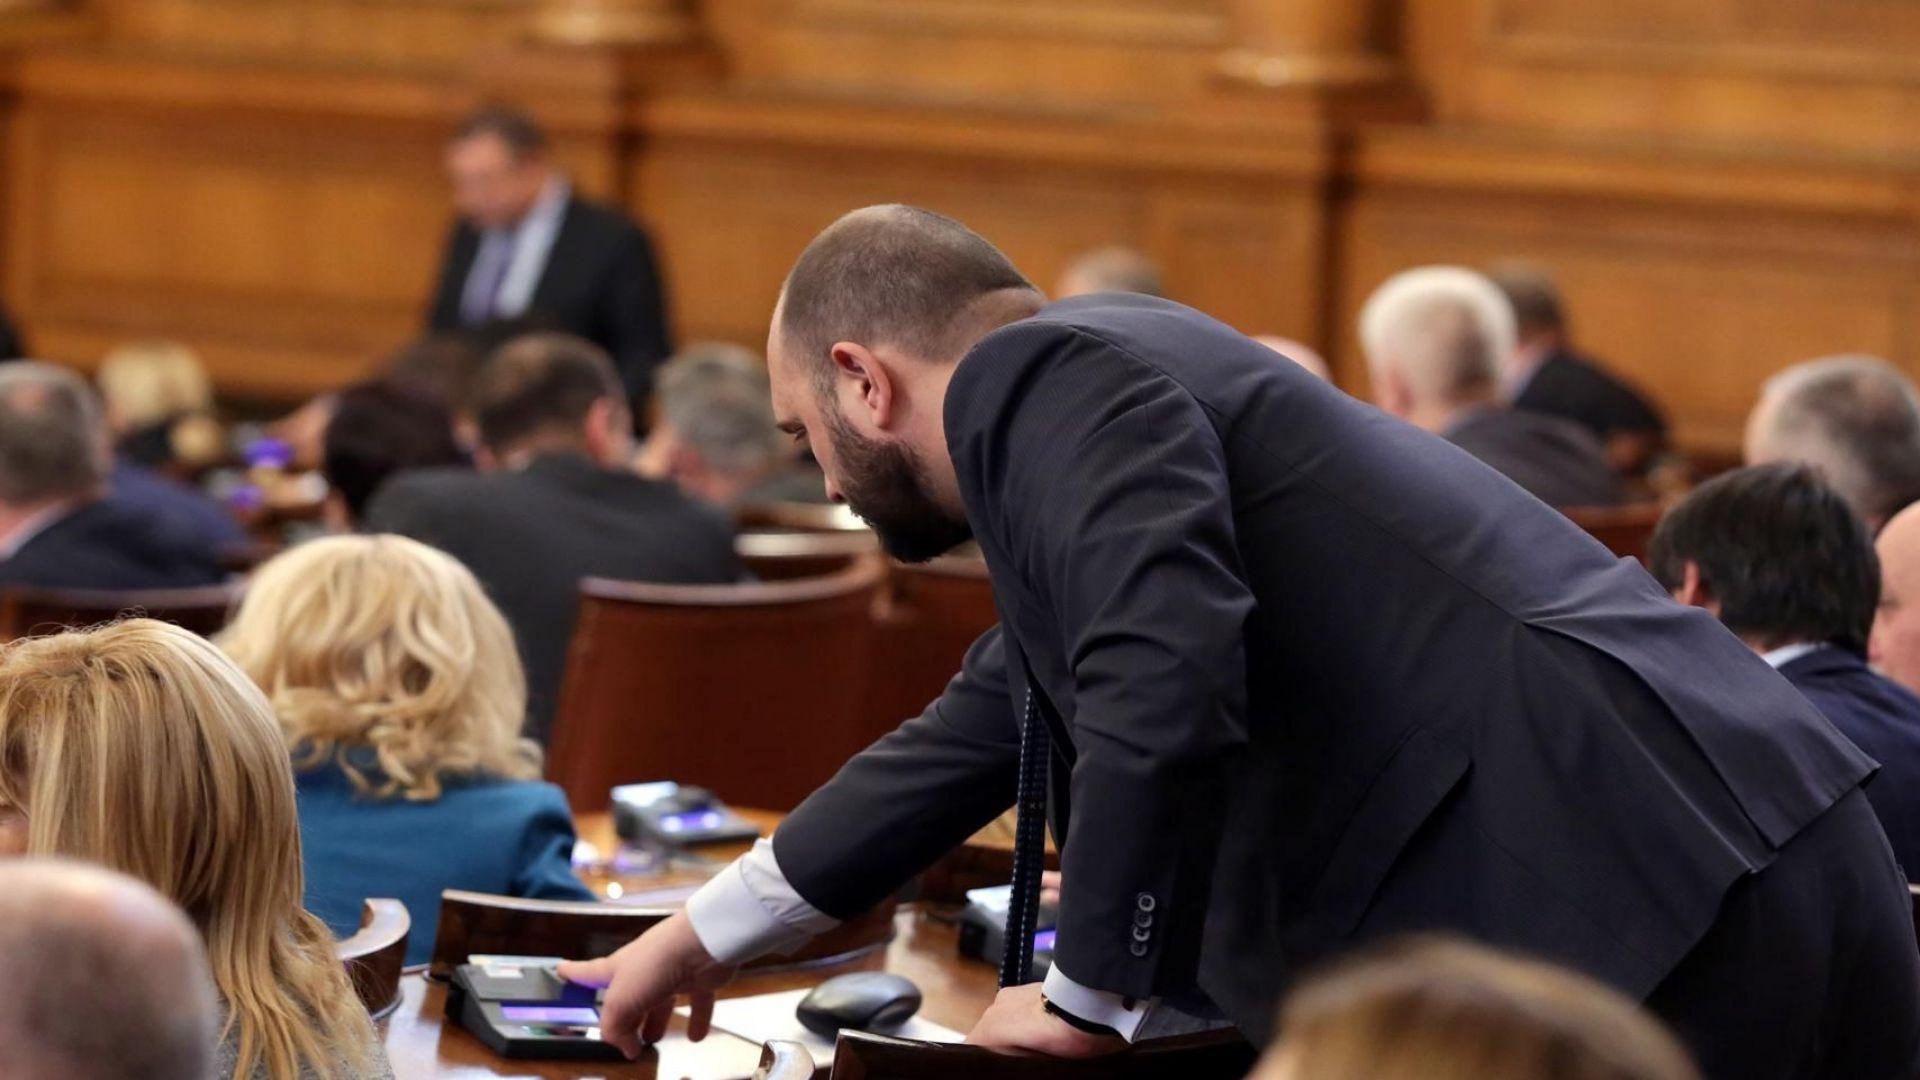 Въпреки обещаното от Борисов намаляване на партийната субсидия на 1